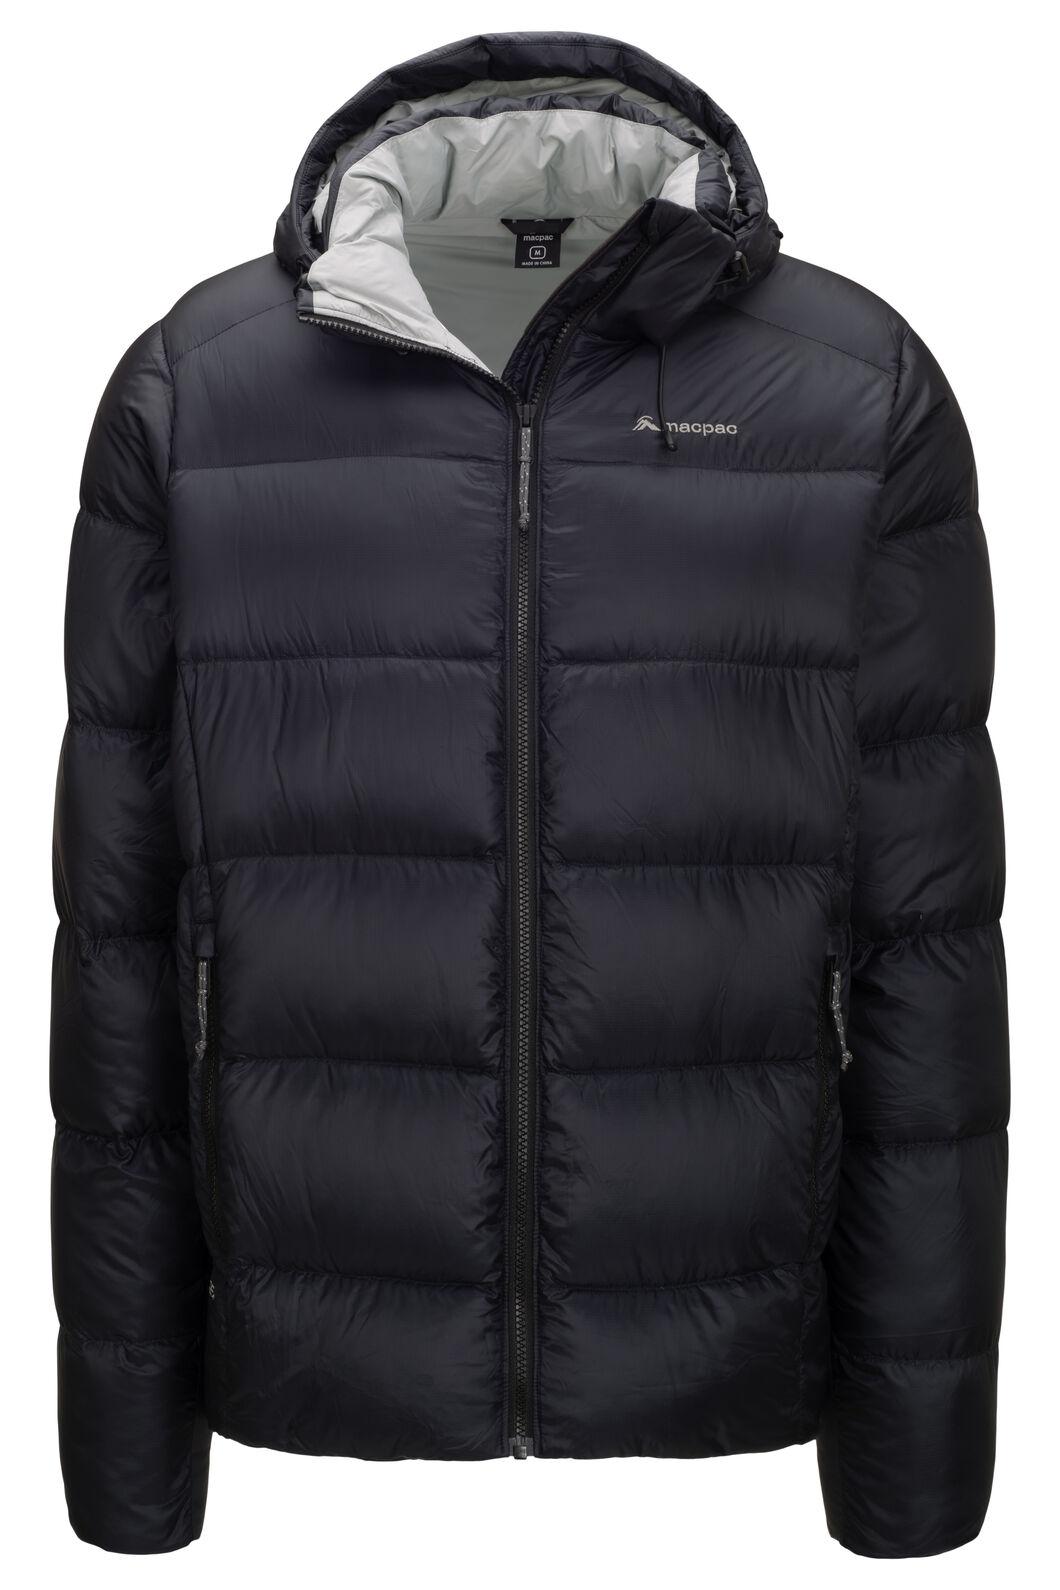 Macpac Men's Sundowner Pertex® Hooded Down Jacket, Black, hi-res